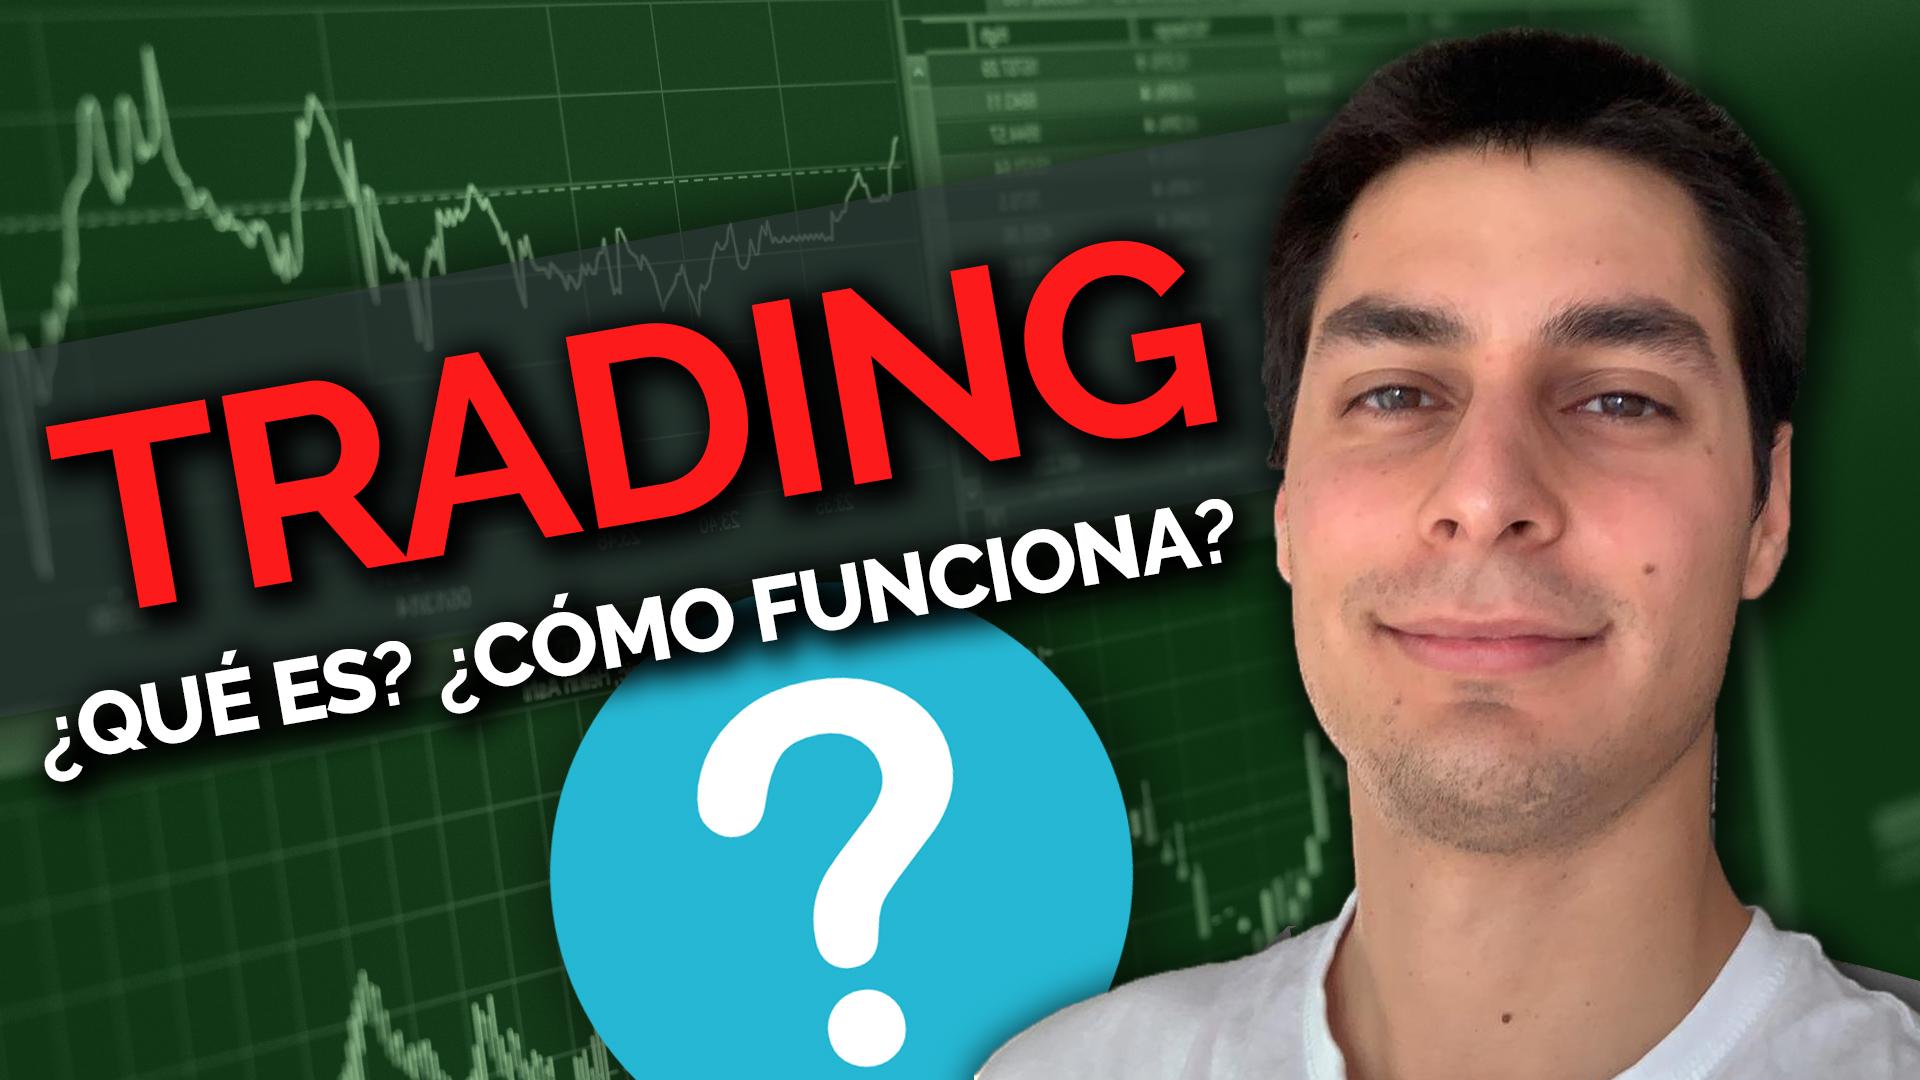 ¿Qué Es El Trading Y Cómo Funciona El Mercado De Valores?